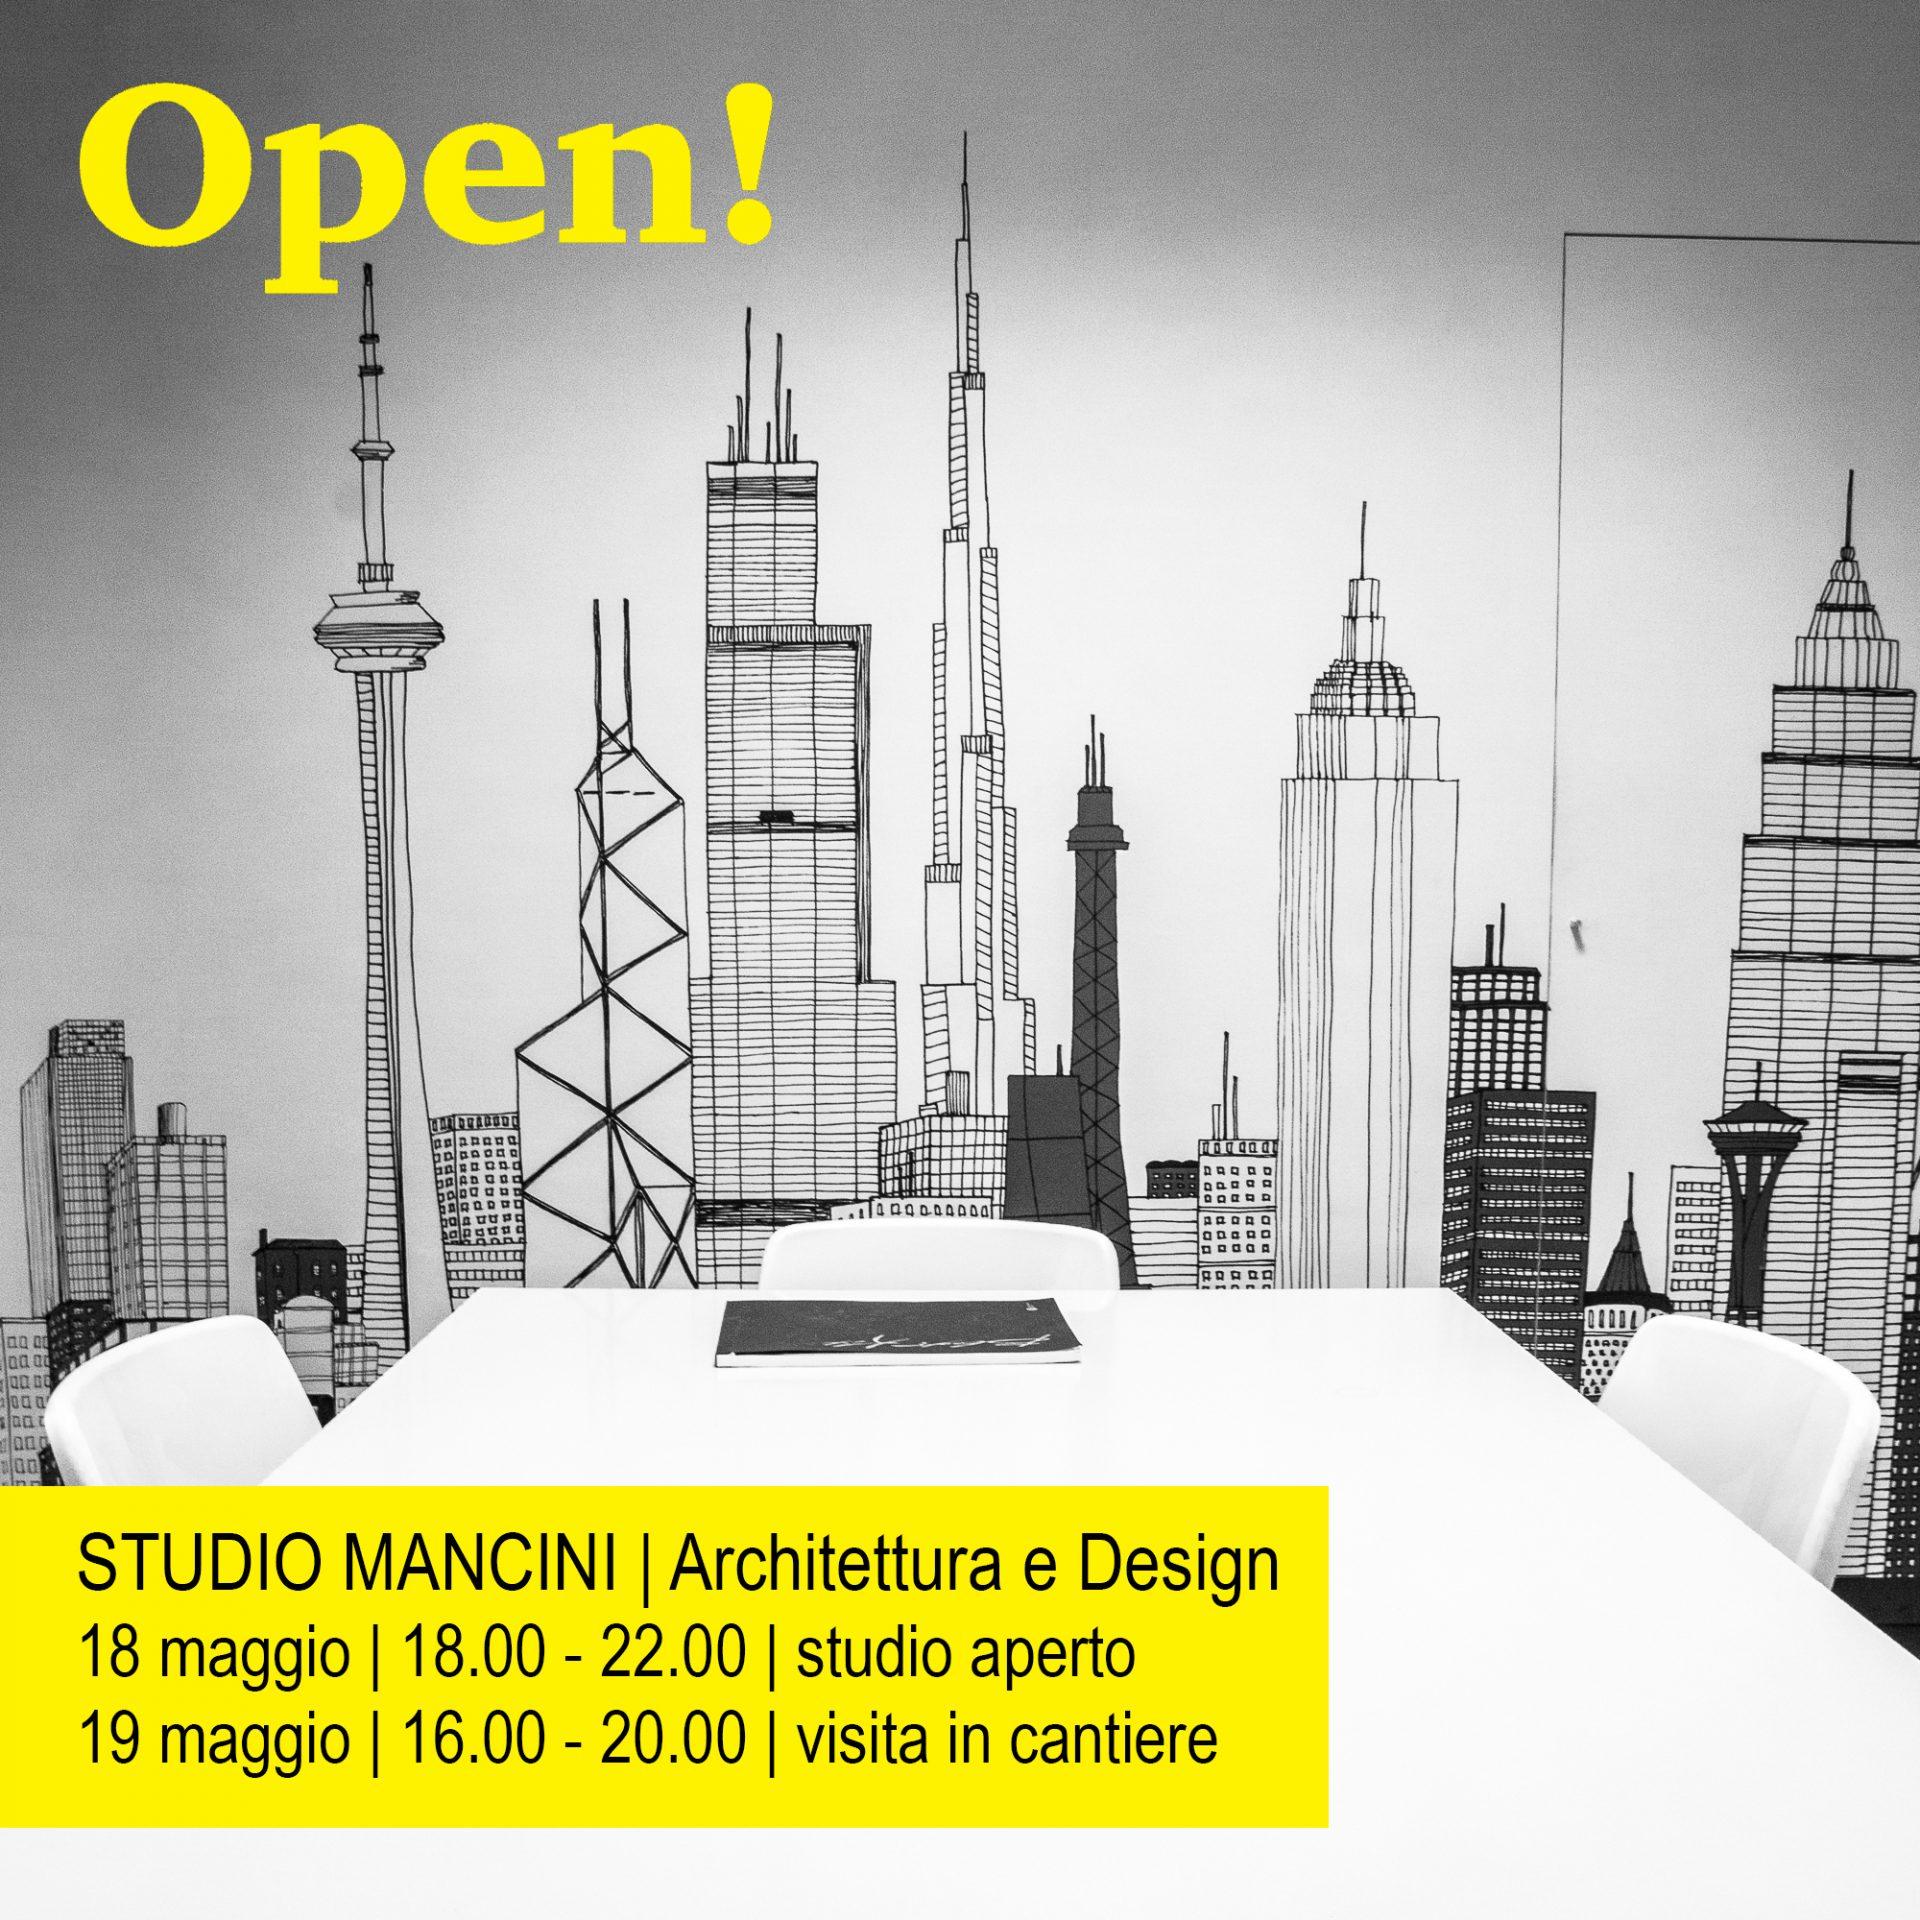 Architettura E Design studio mancini | architettura e design - open!